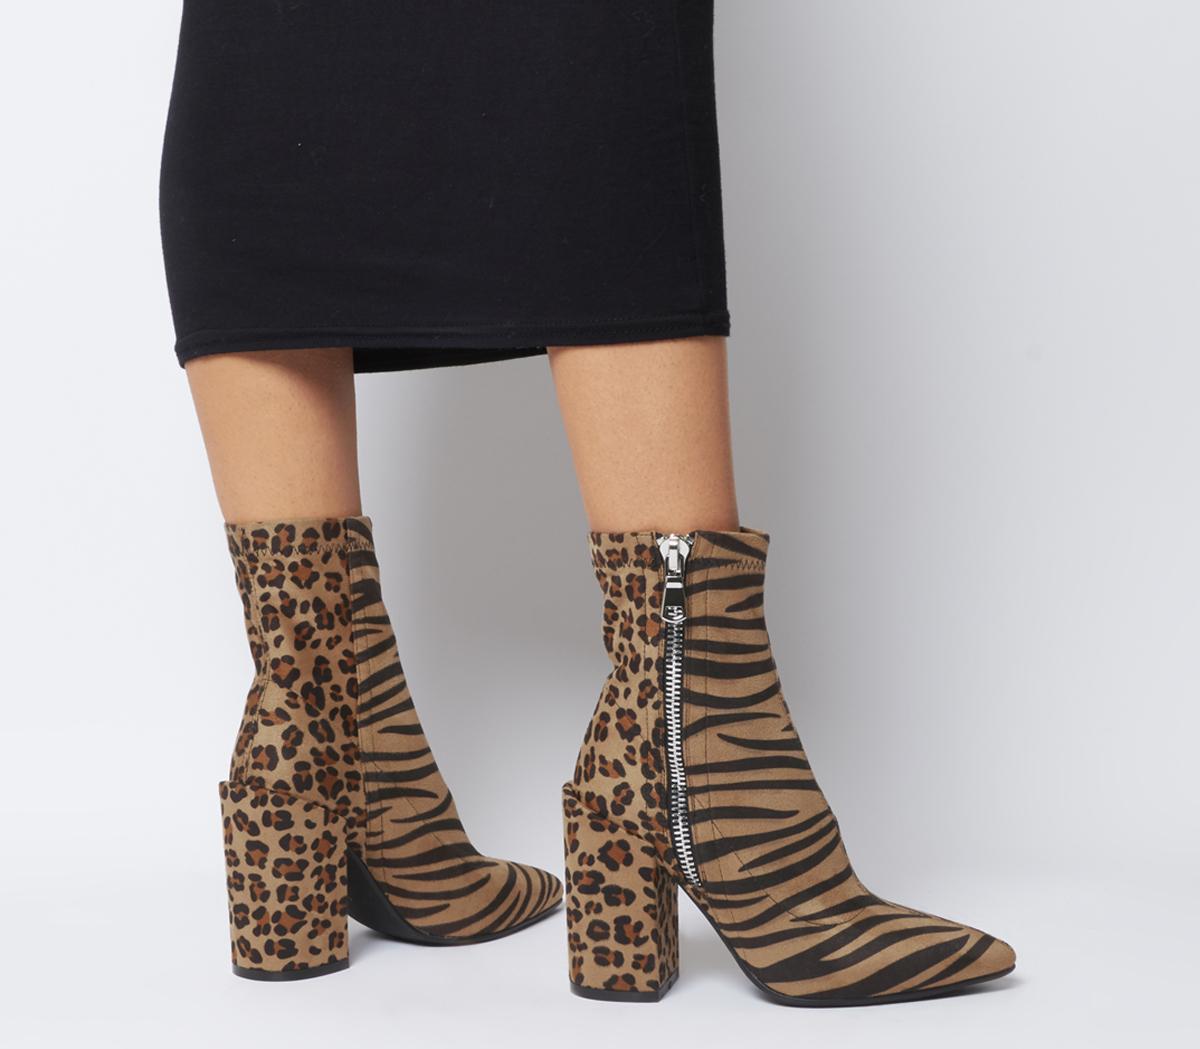 Lucian Boots